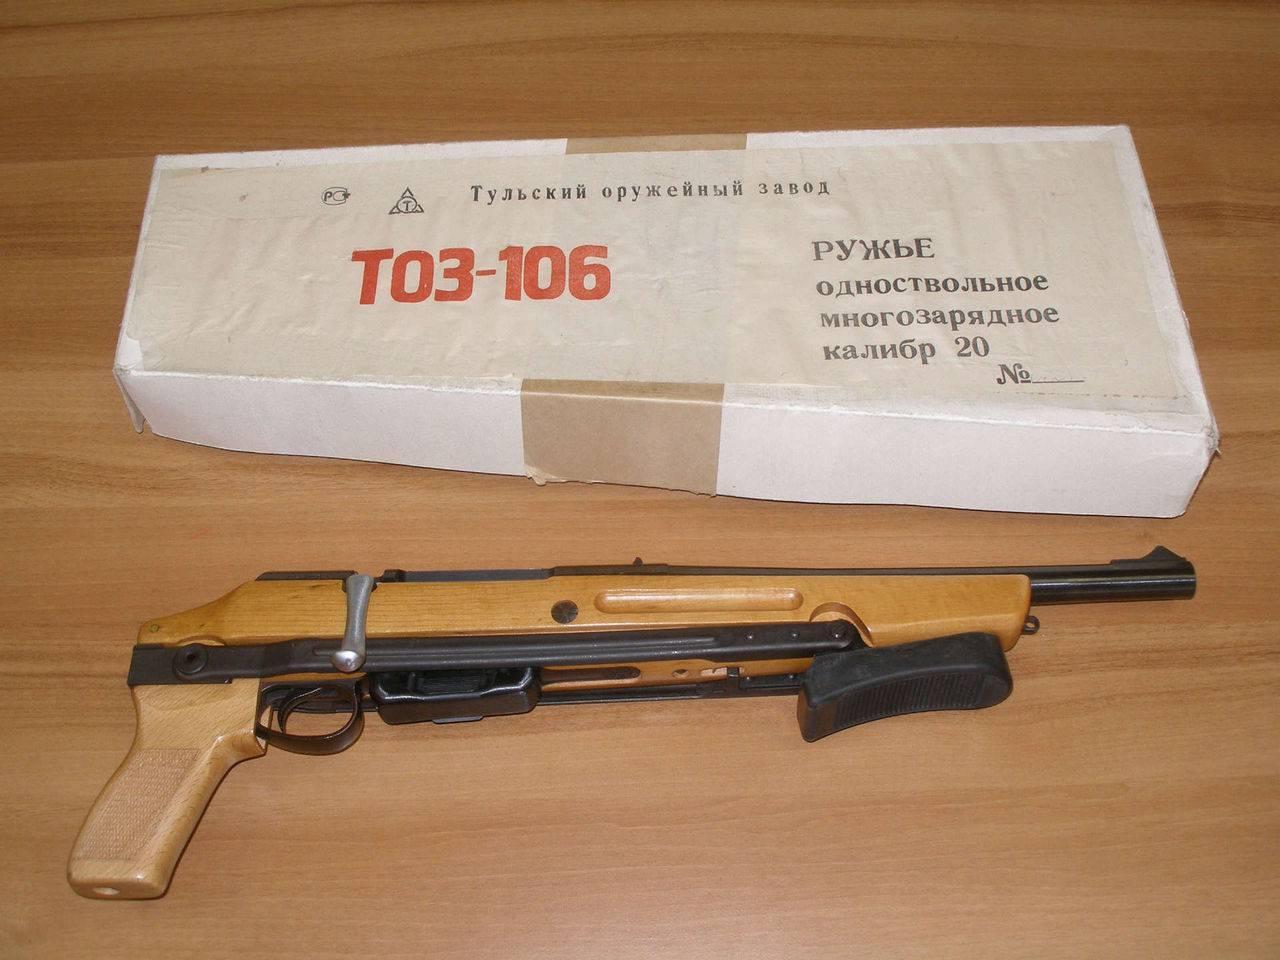 Ружьё ТОЗ-106